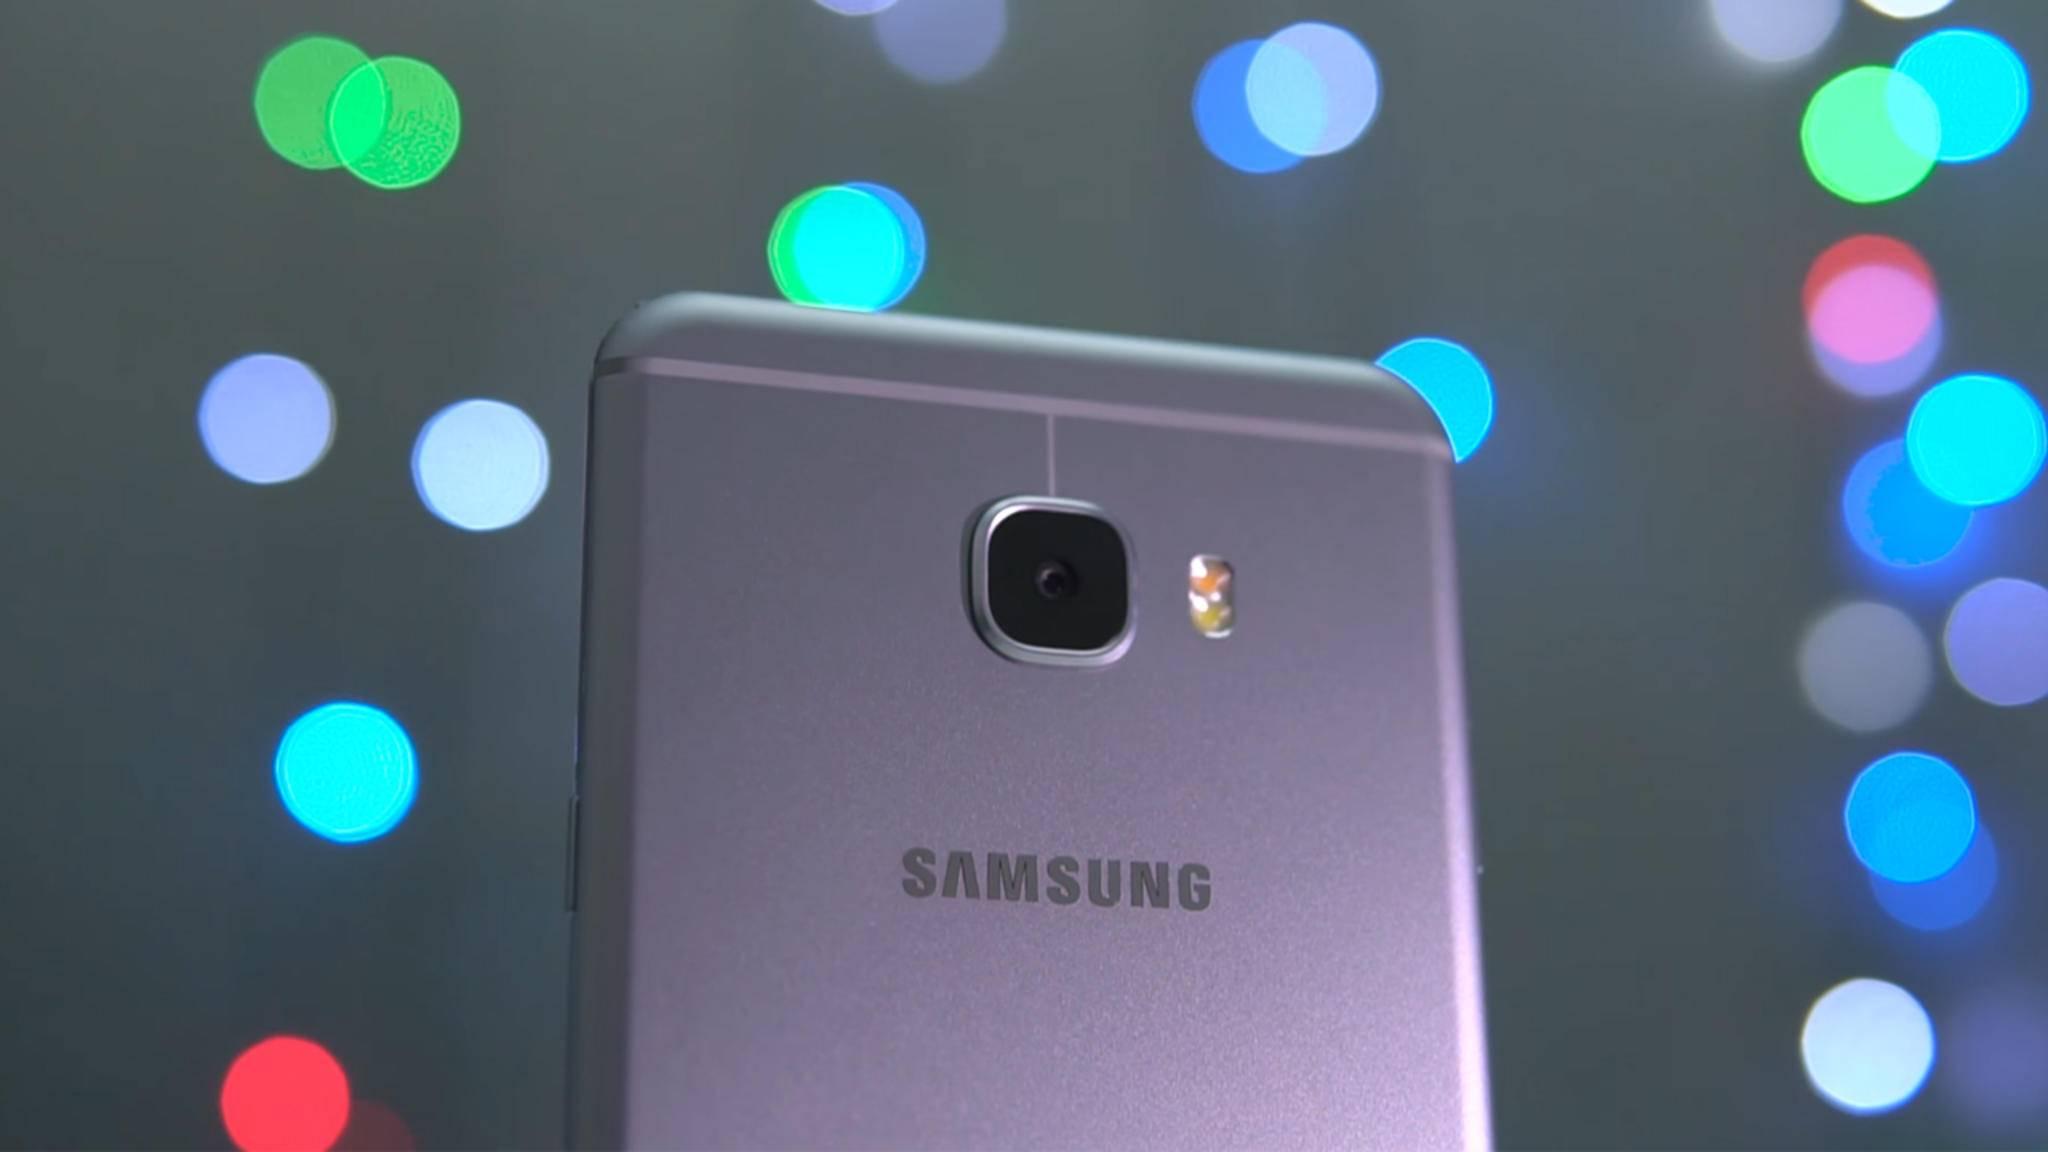 Das nächste Modell der Galaxy C-Reihe soll eine Dual-Kamera an Bord haben.